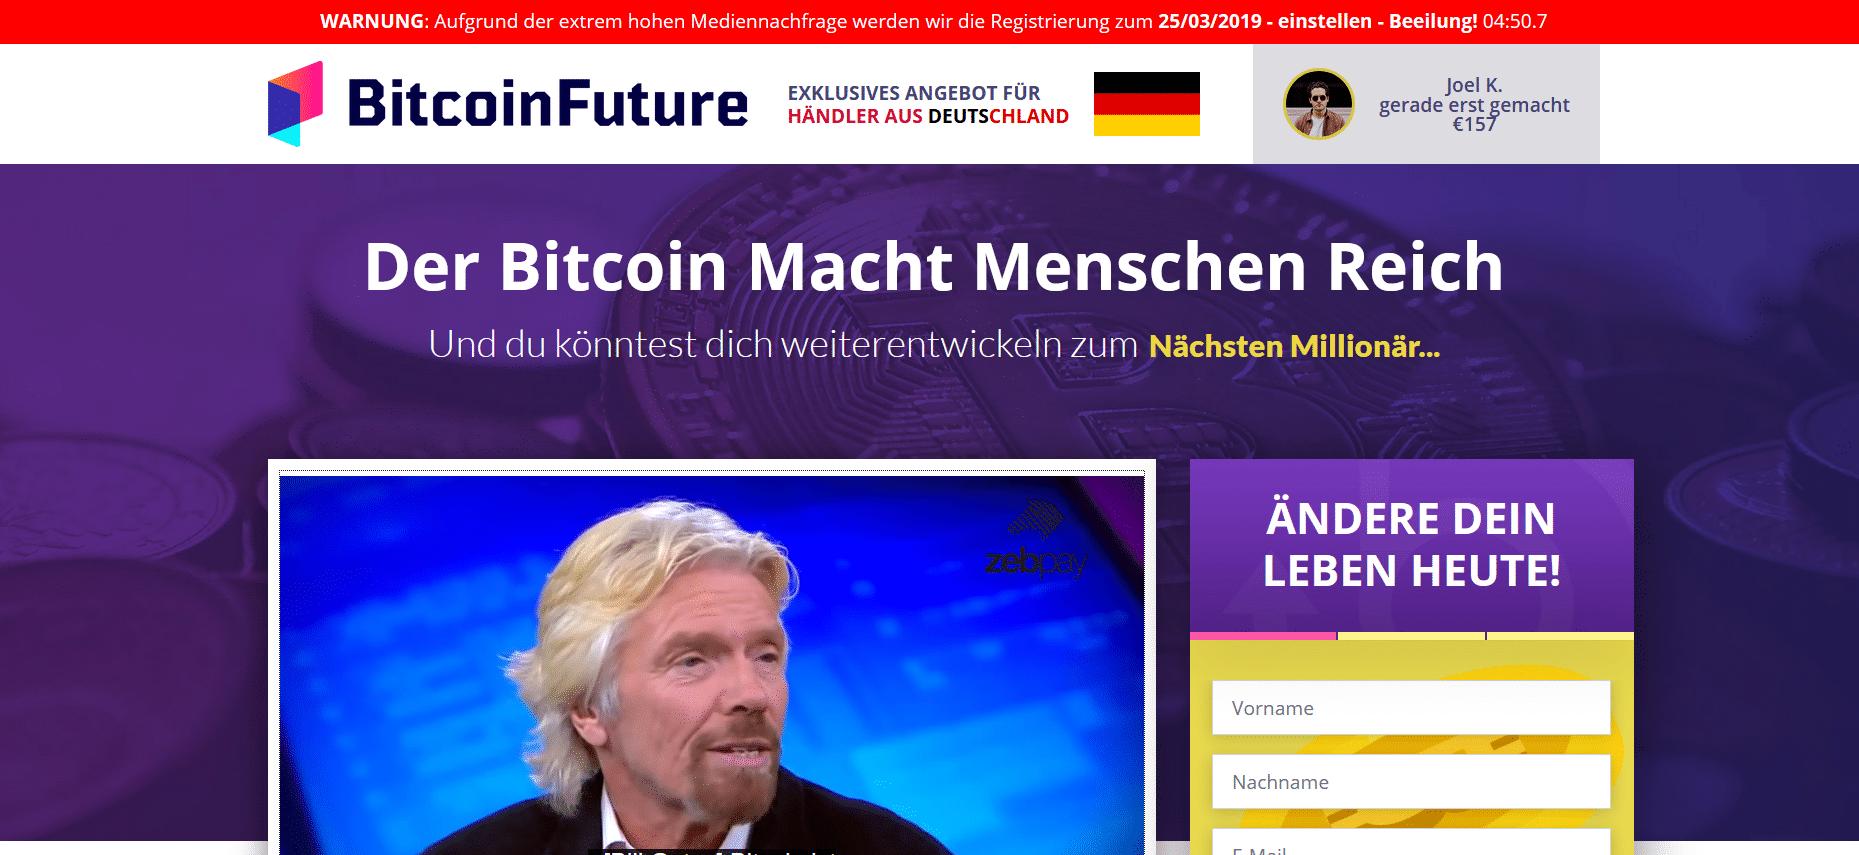 wie man kryptowährungen futures handelt softwareone aktien